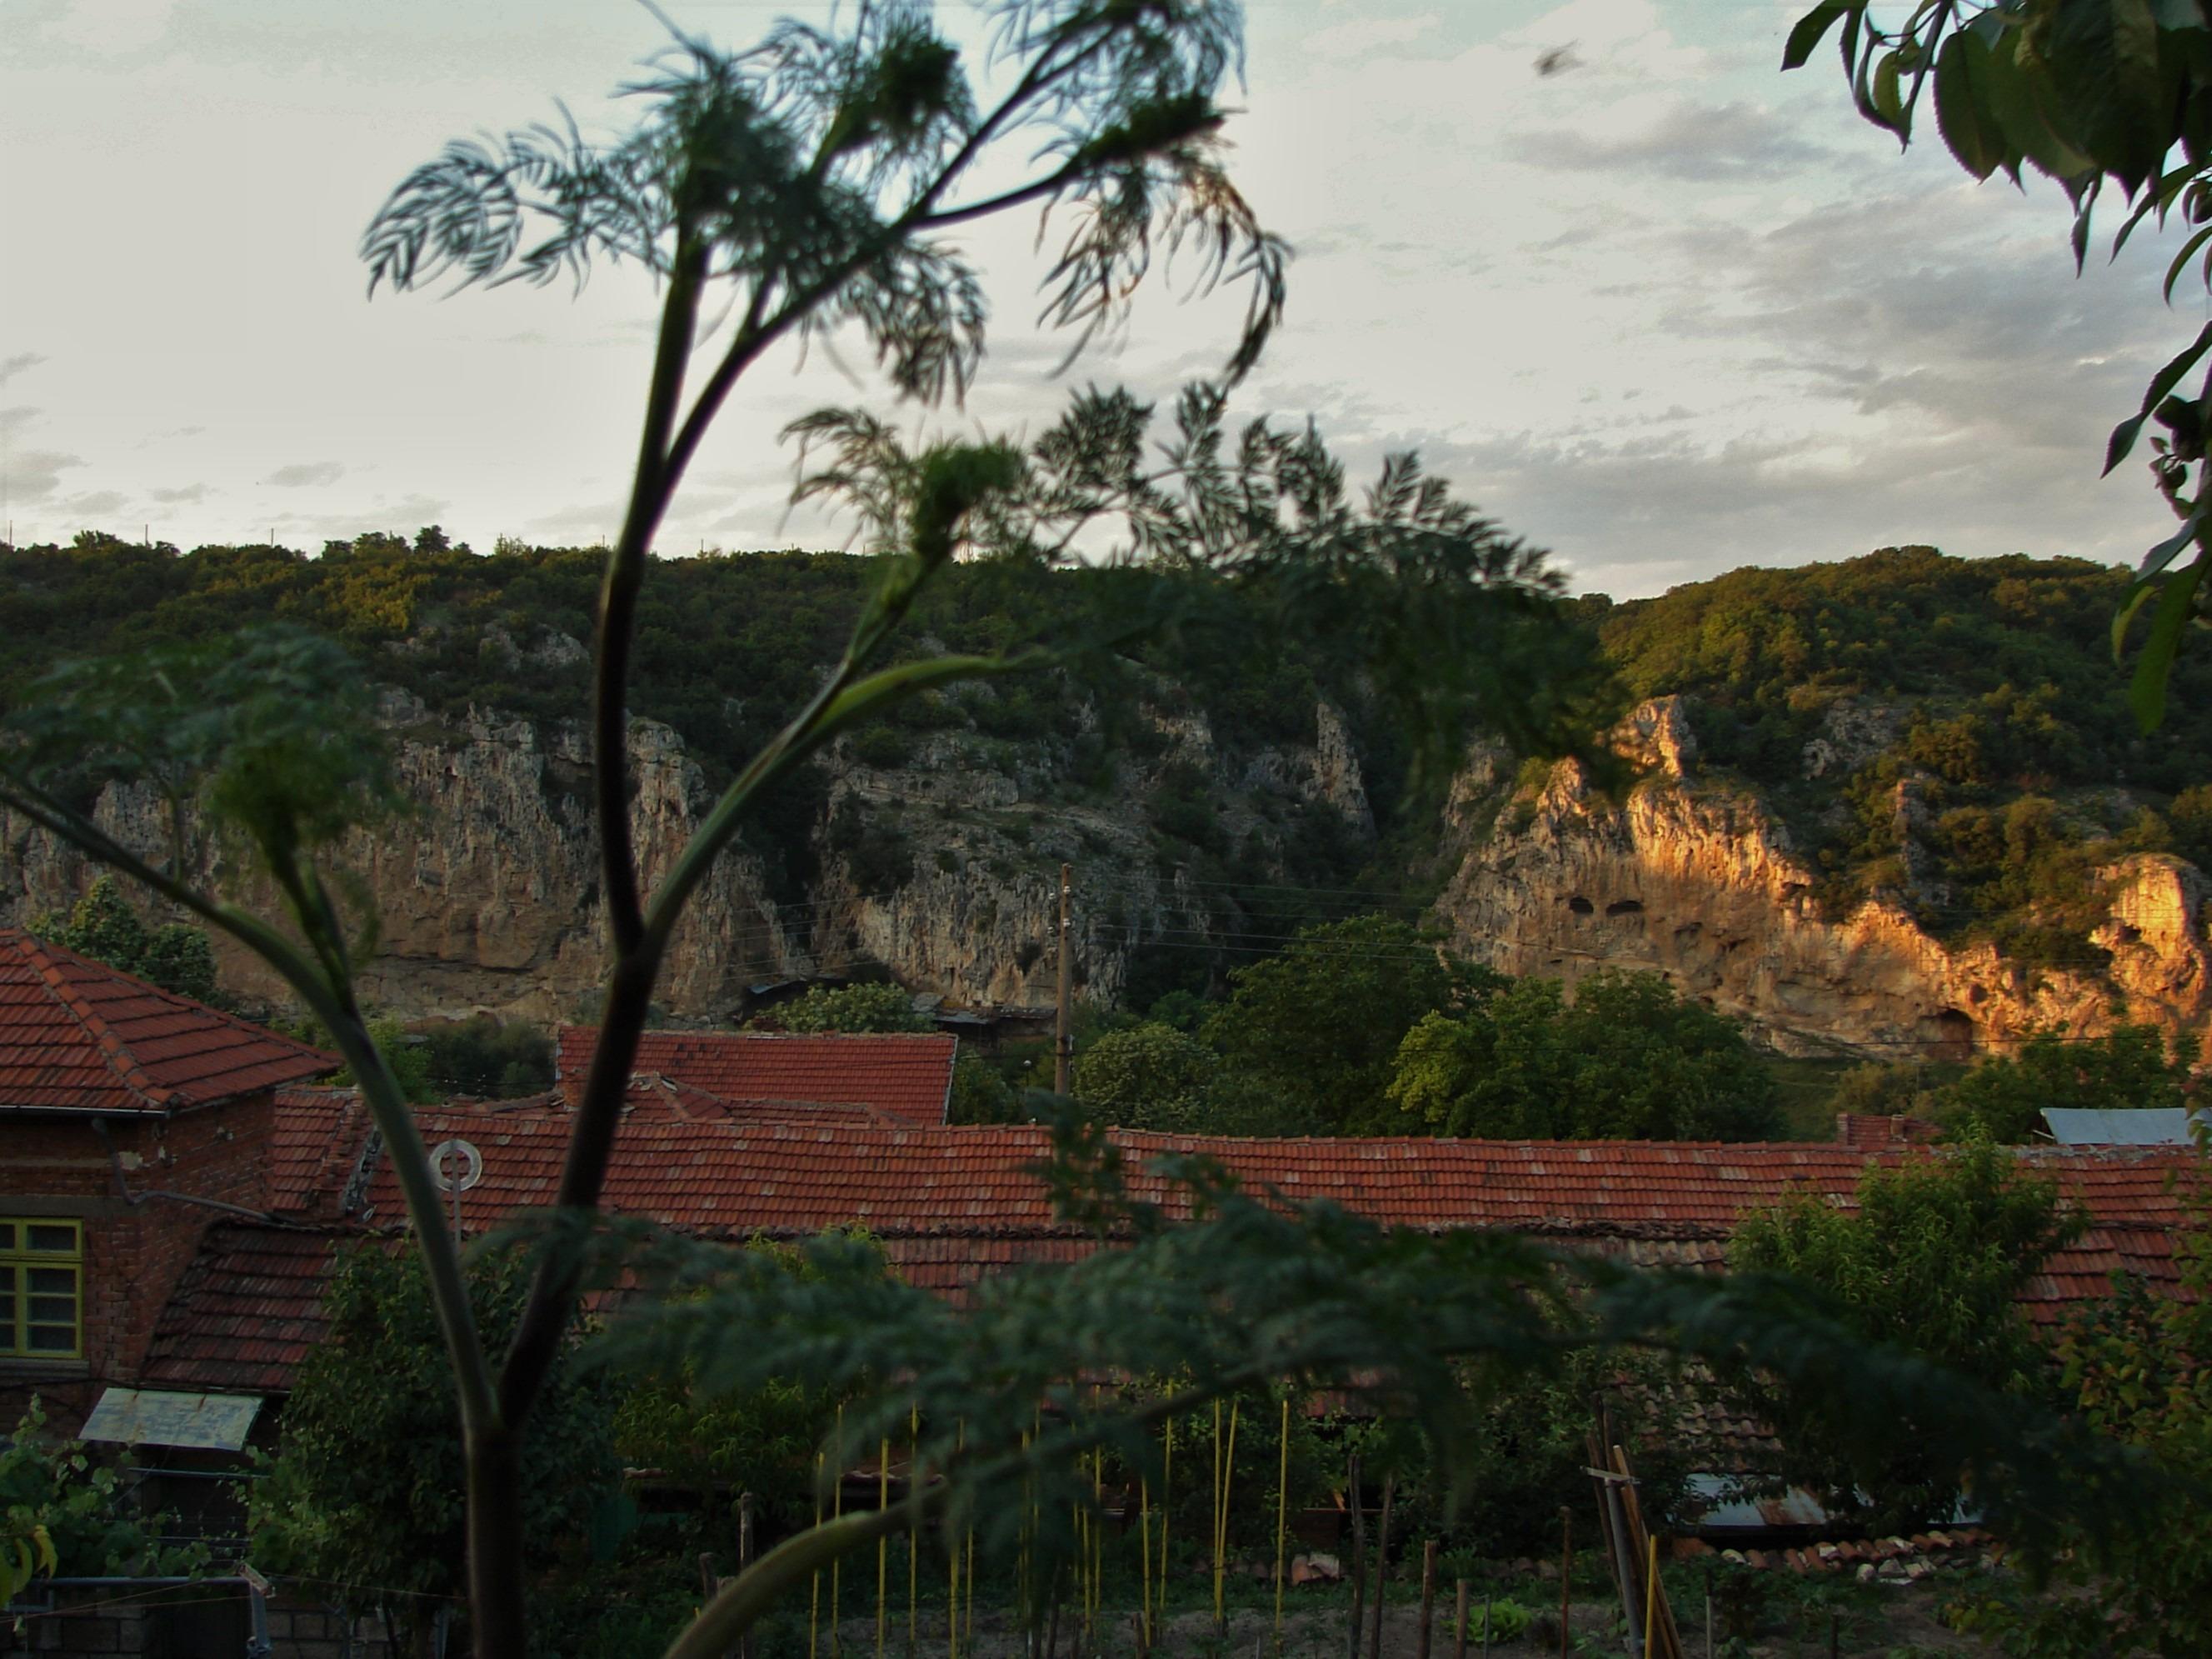 Село Кошов се е сгушило в подножието на скални образувания, обитавани от черни щъркели, египетски лешояди, както и гласовити представители на малкия креслив орел